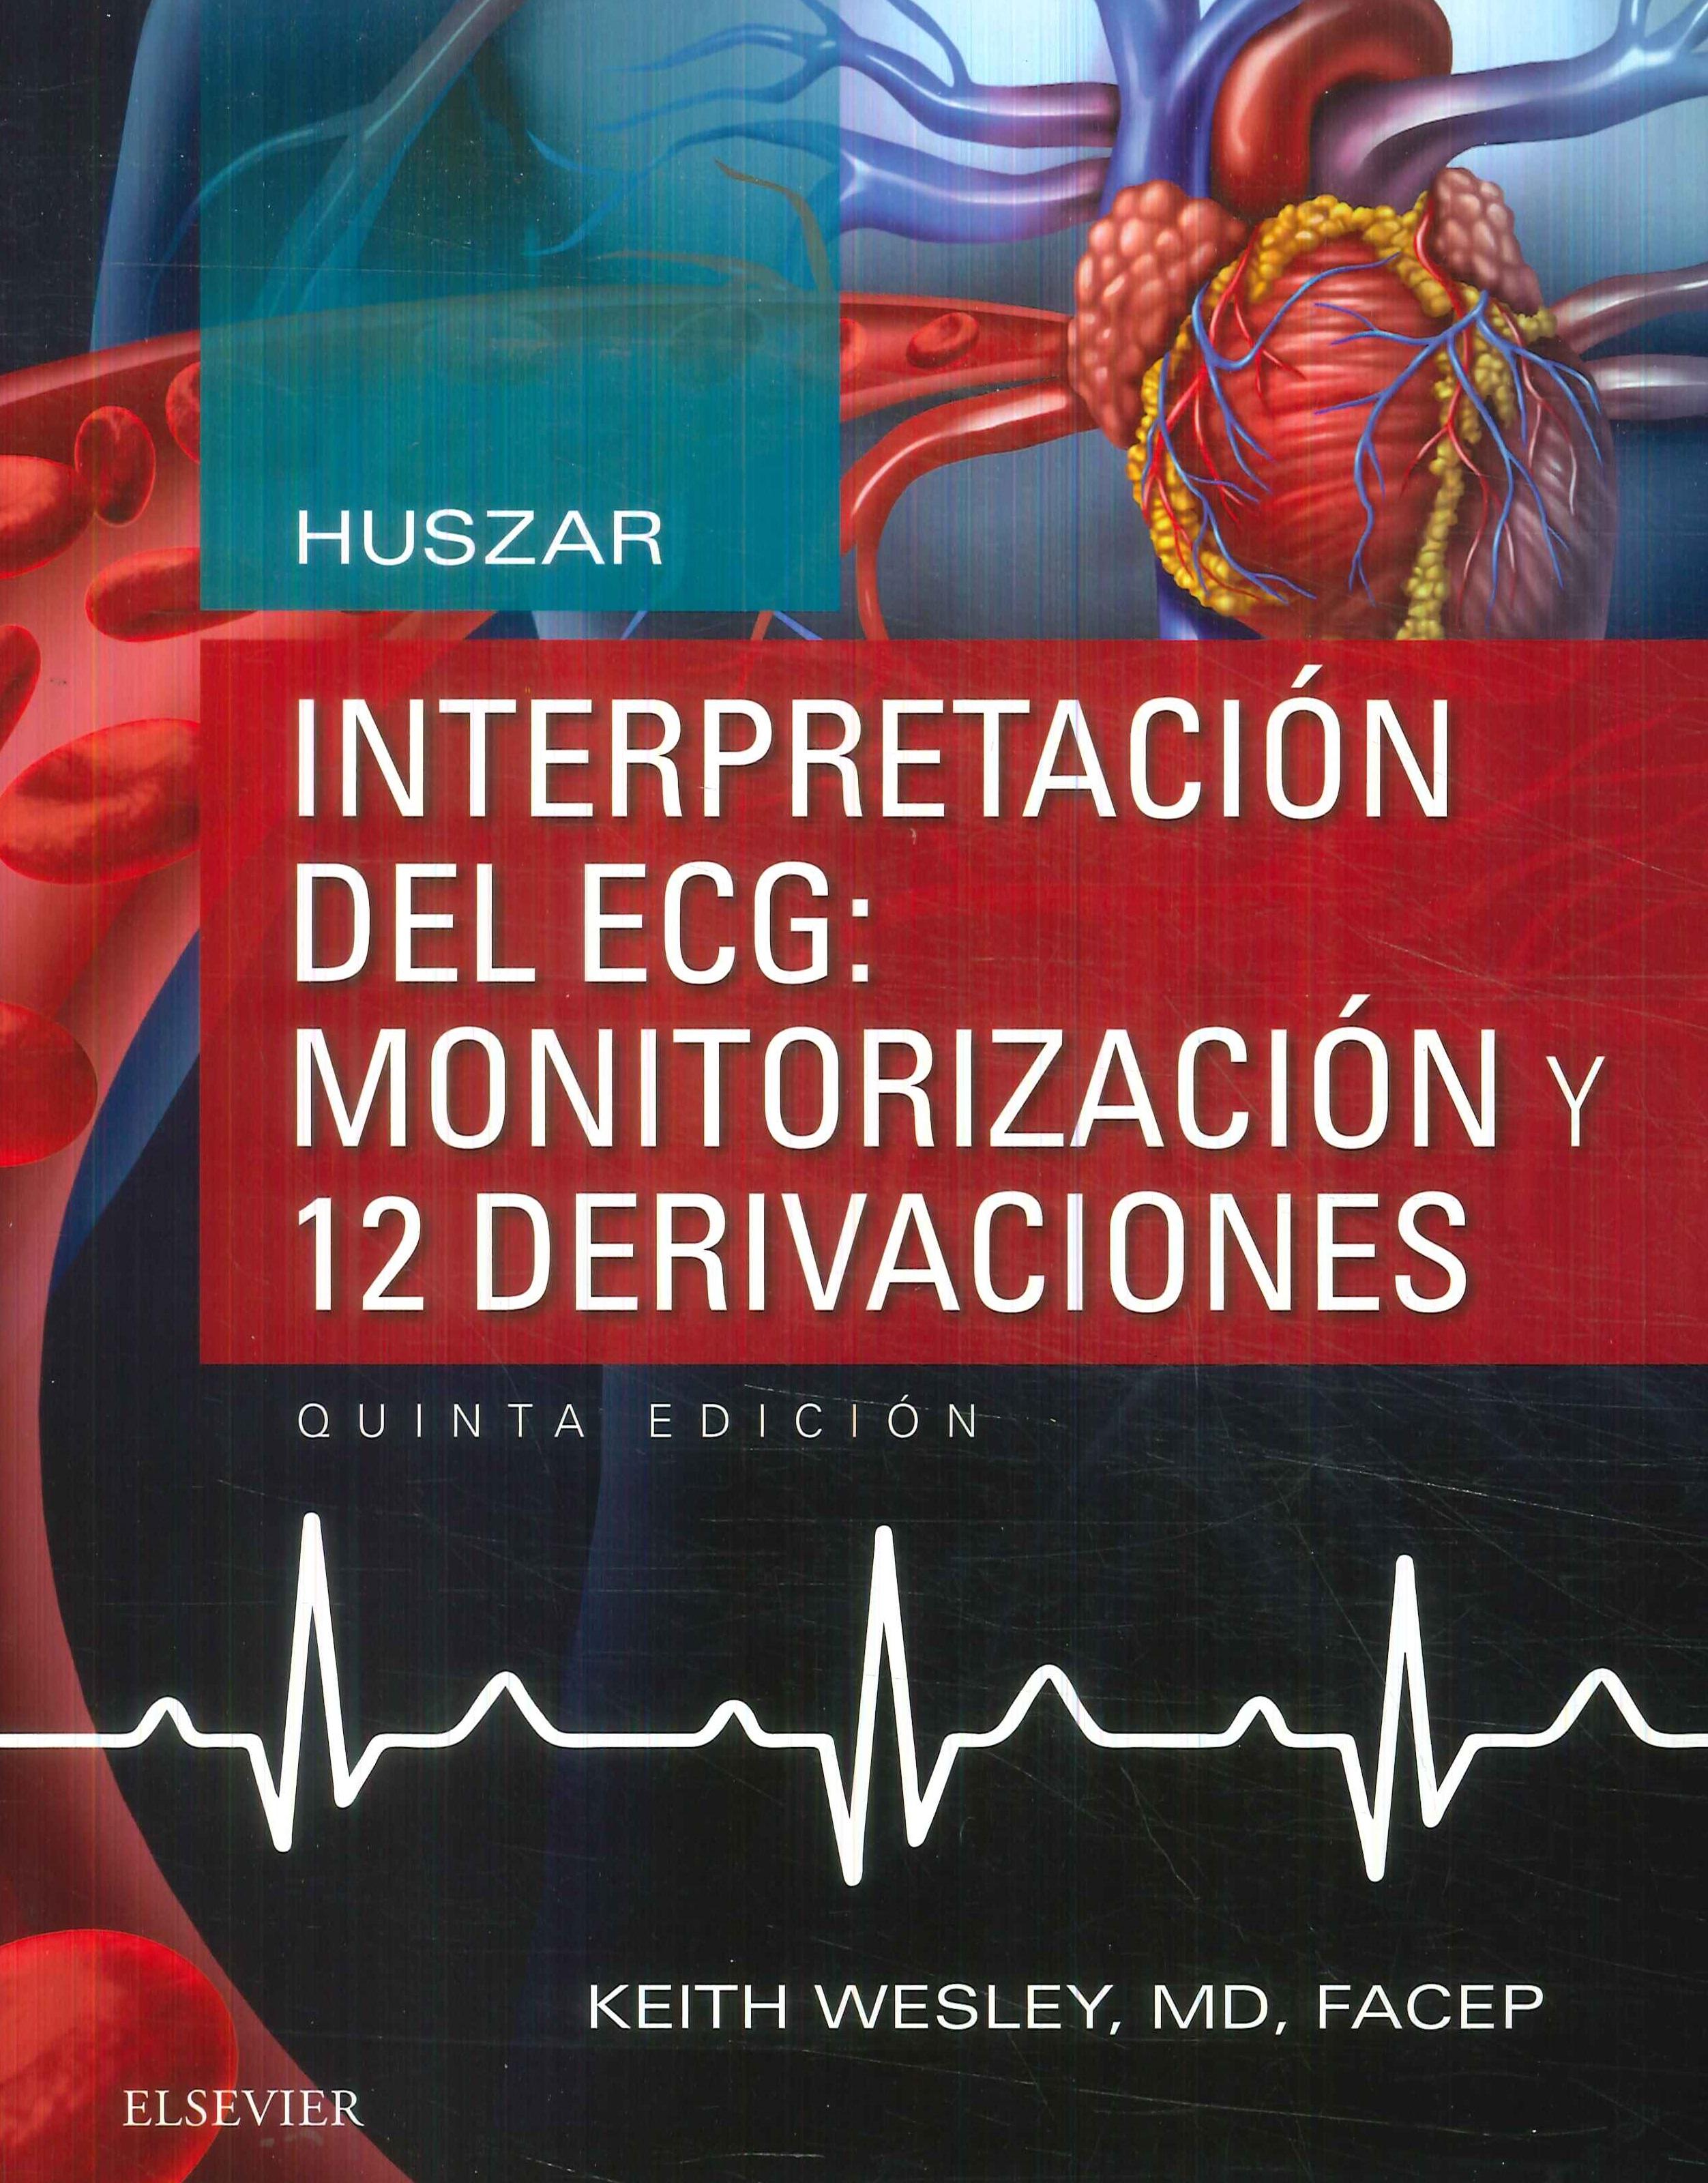 Interpretación del ECG: Monitorización y 12 derivaciones Huszar